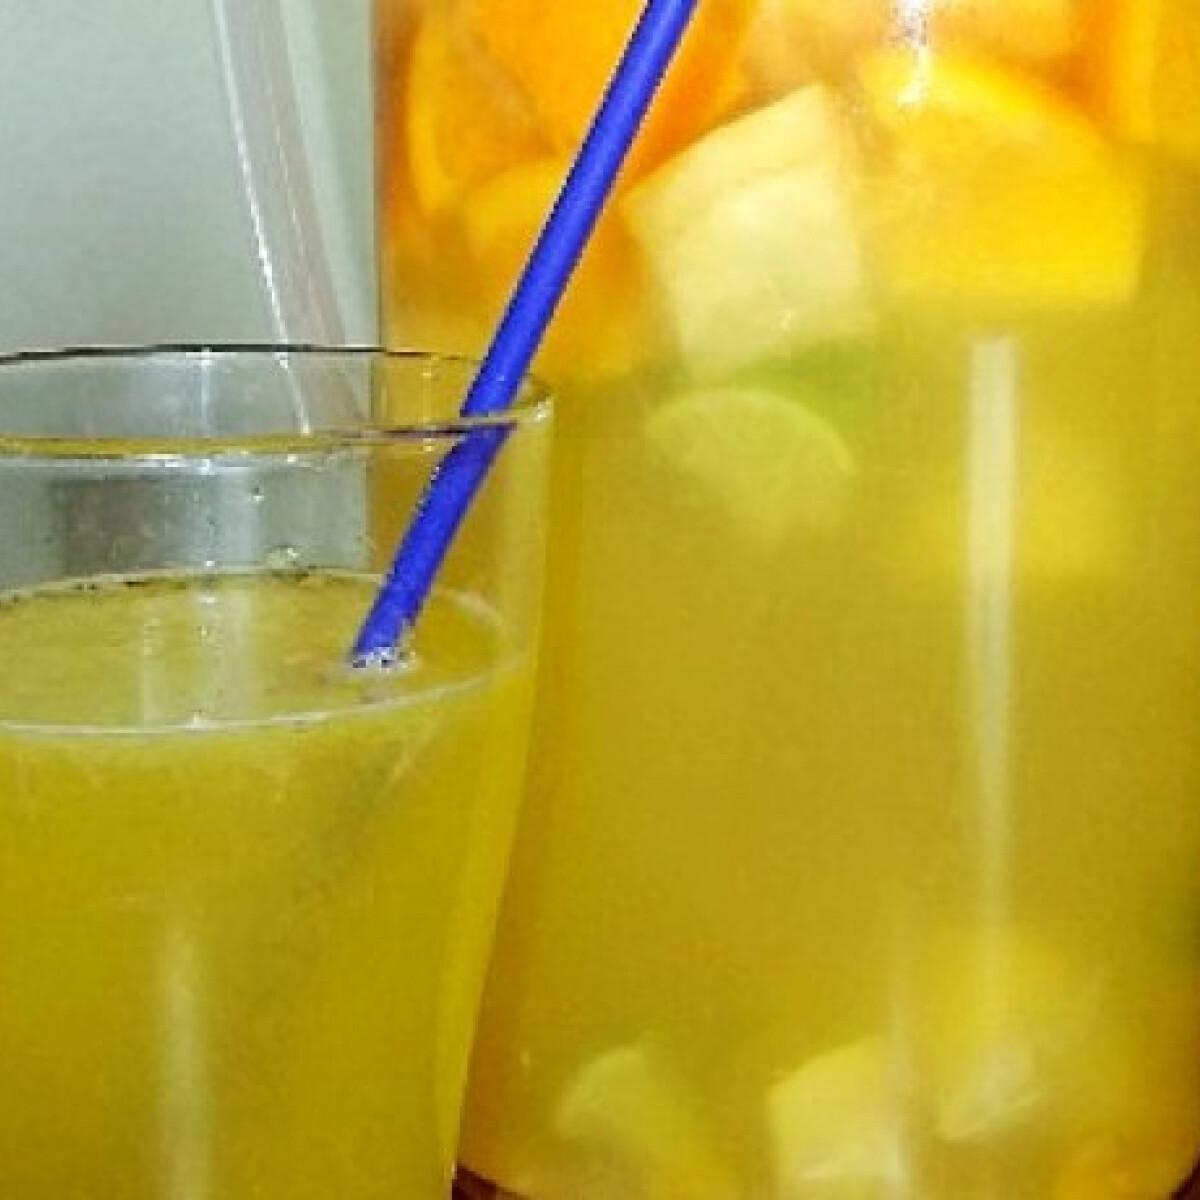 Friss vegyes limonádé mézzel